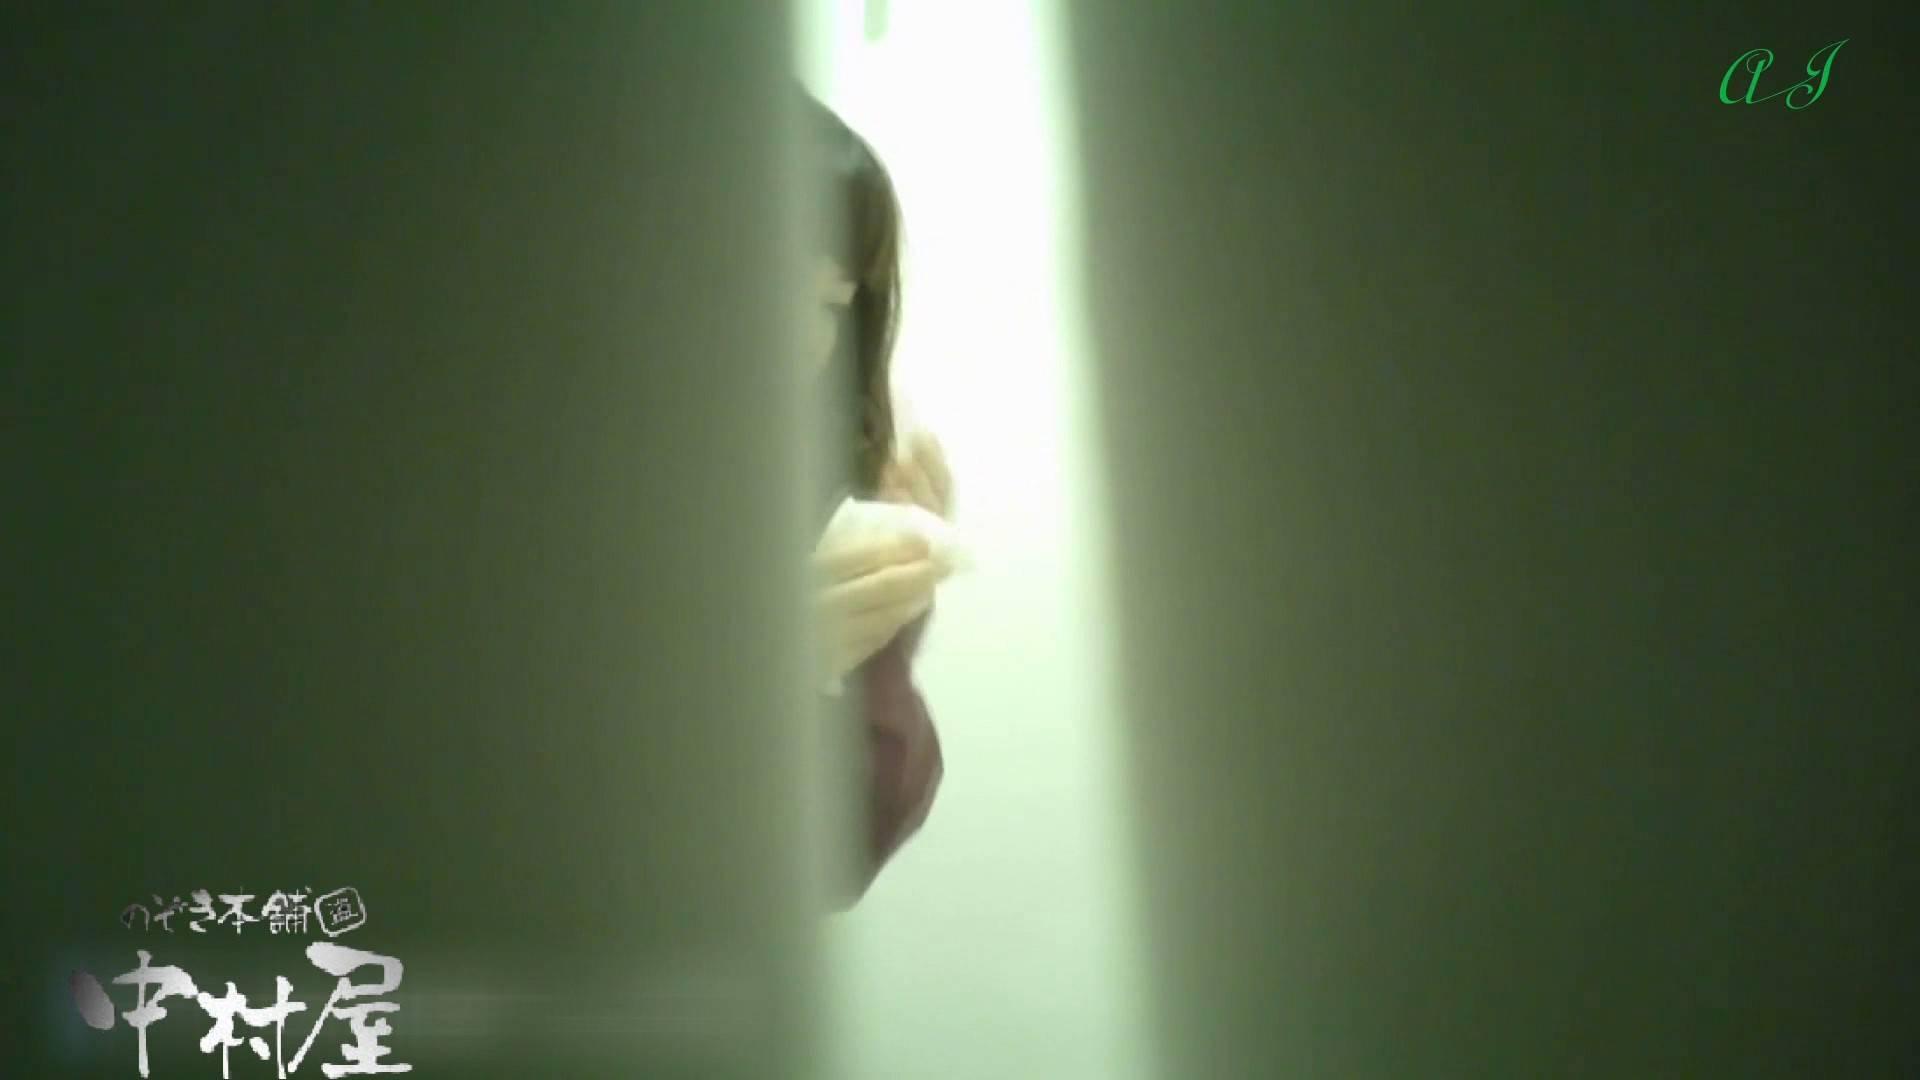 新アングル 4名の美女達 有名大学女性洗面所 vol.76後編 洗面所 覗きワレメ動画紹介 68PICs 33